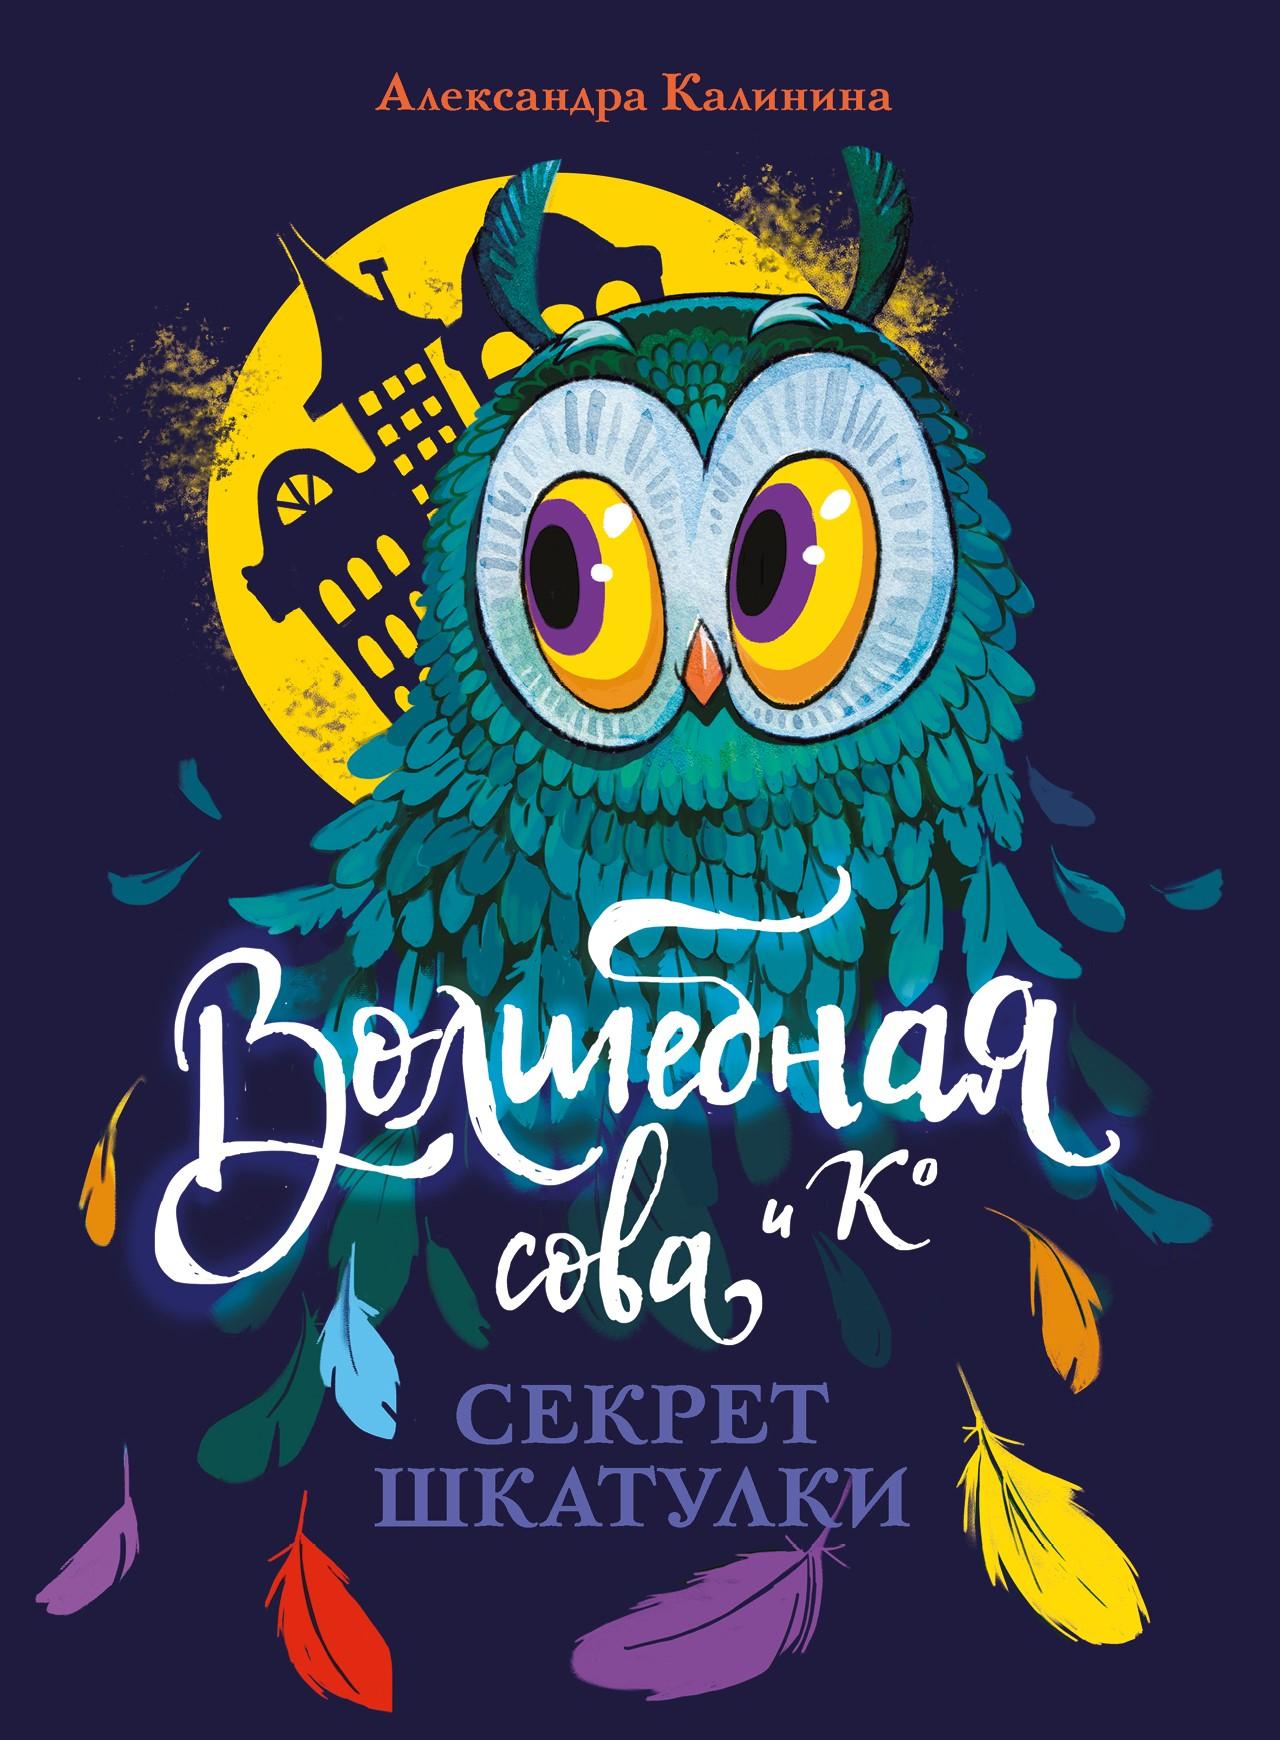 Волшебная сова и К. Секрет шкатулки кн.3